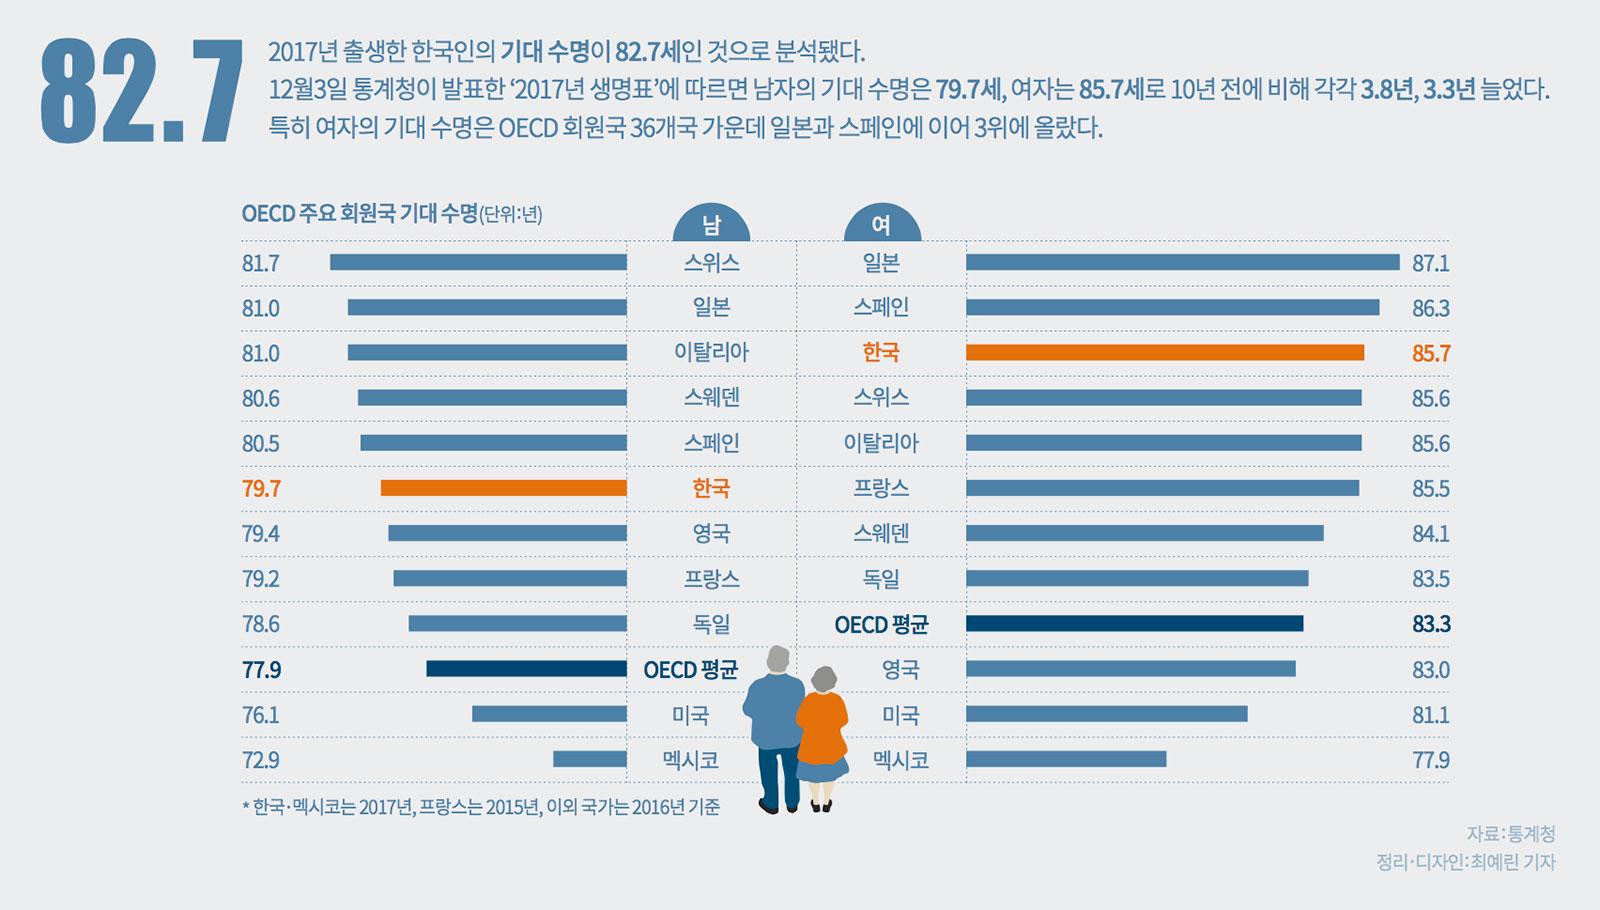 이 주의 그래픽 뉴스 - 한국인의 기대 수명